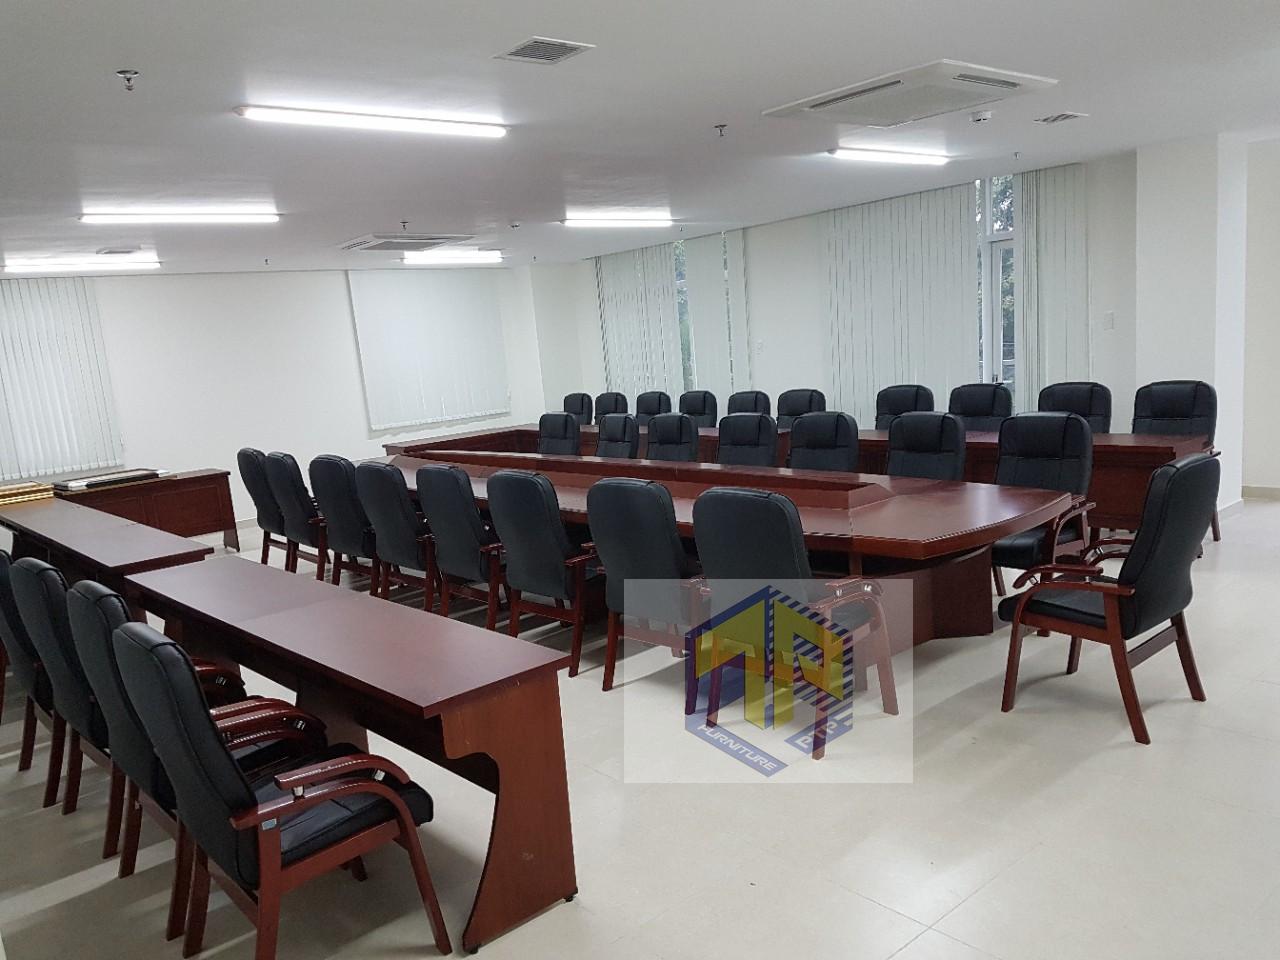 thi công nội thất phòng họp chi cục quản lý thị trươfng